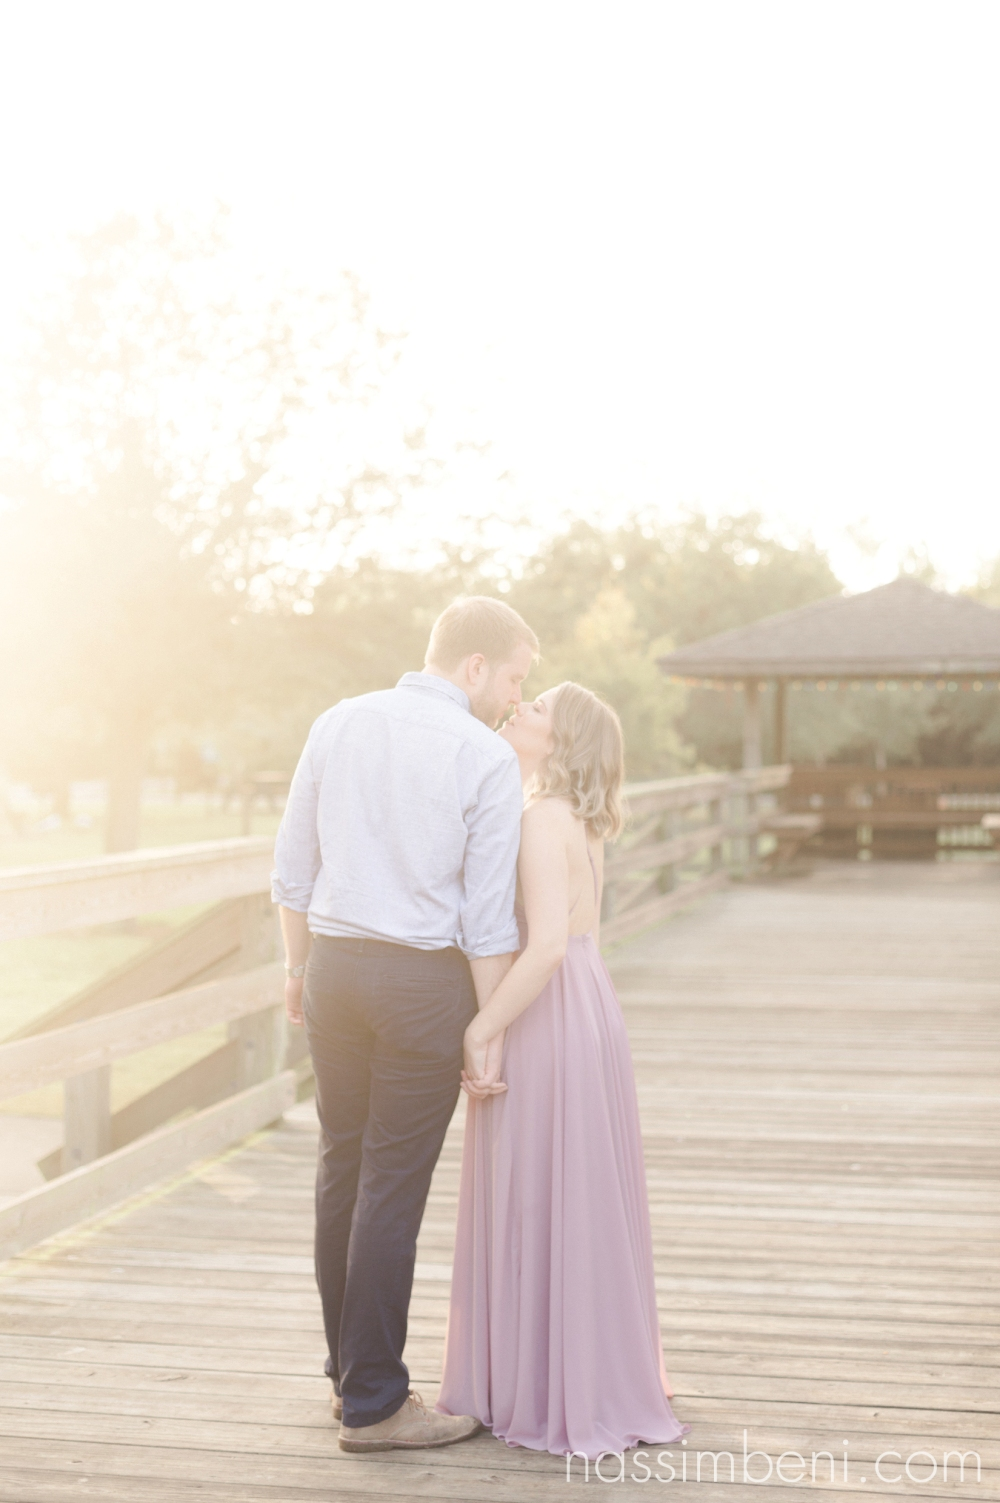 Gleason Park sunrise engagement photos by port st lucie wedding photographer nassimbeni photography